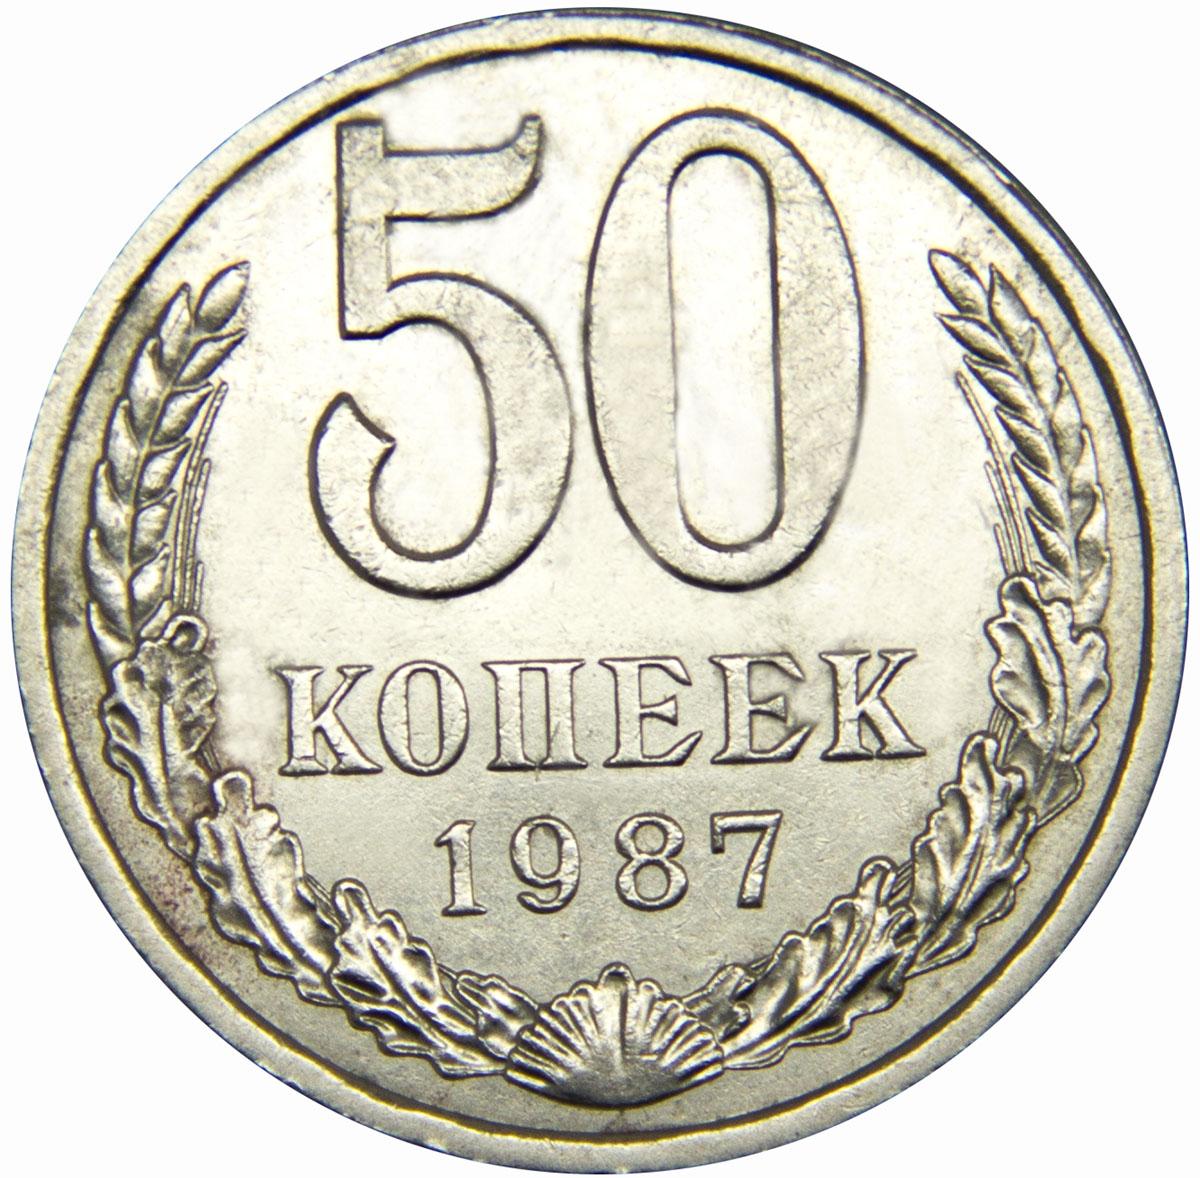 Монета номиналом 50 копеек. Медно-никелевый сплав. Сохранность VF. СССР, 1987 год739Диаметр монеты: 24 мм Вес: 4,4 г. Материал: медь-никель Гурт: надпись